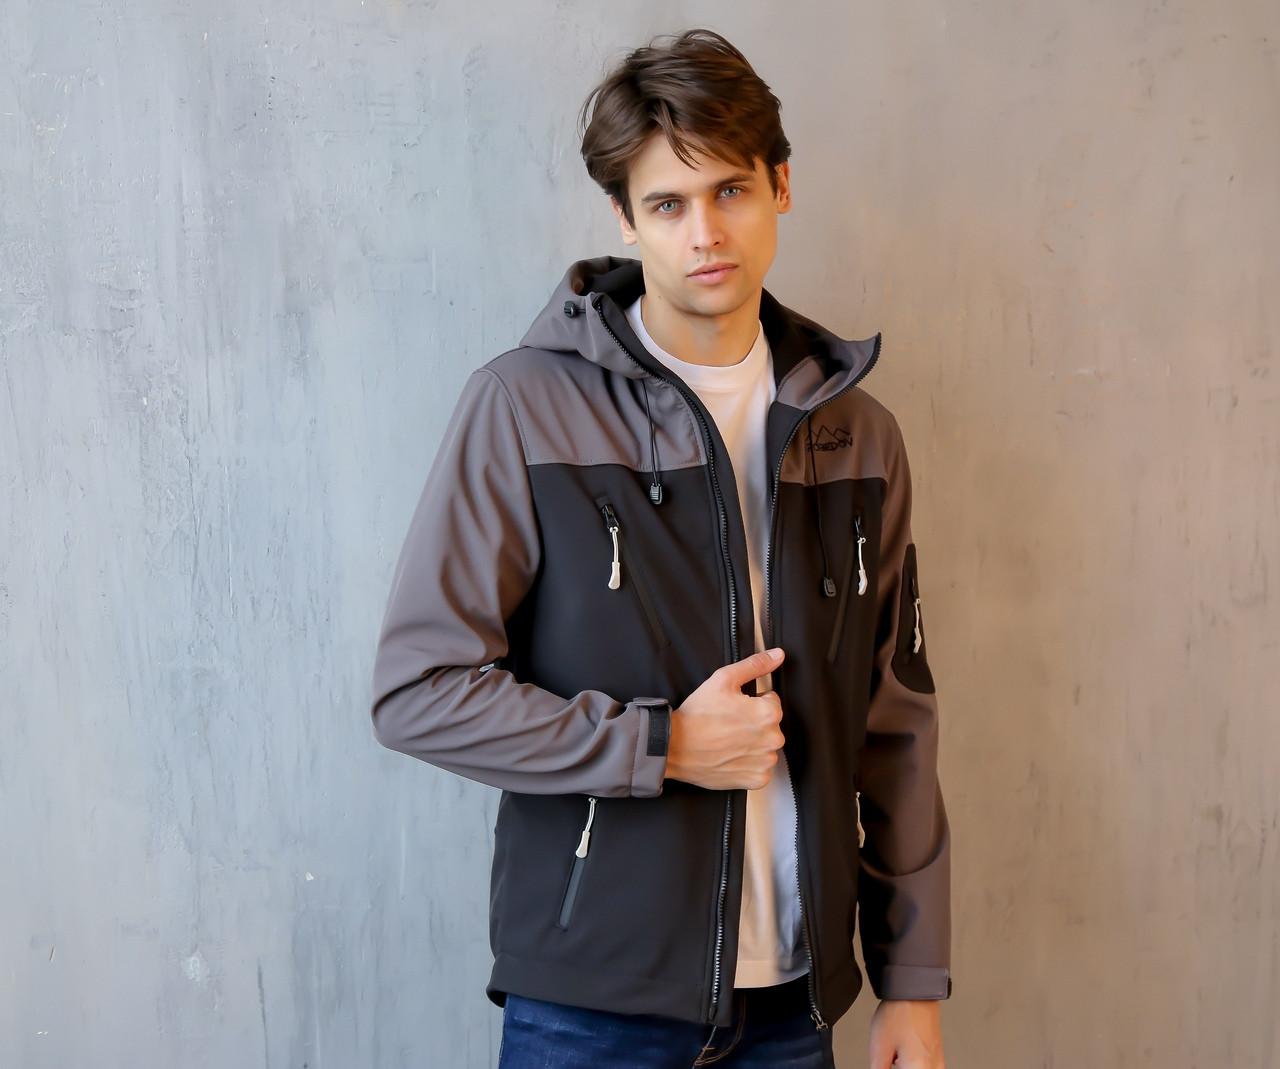 92f4ec3352510 Мужская Весенняя куртка (серо-черная) - INTRUDER | Интернет- магазин  мужской одежды